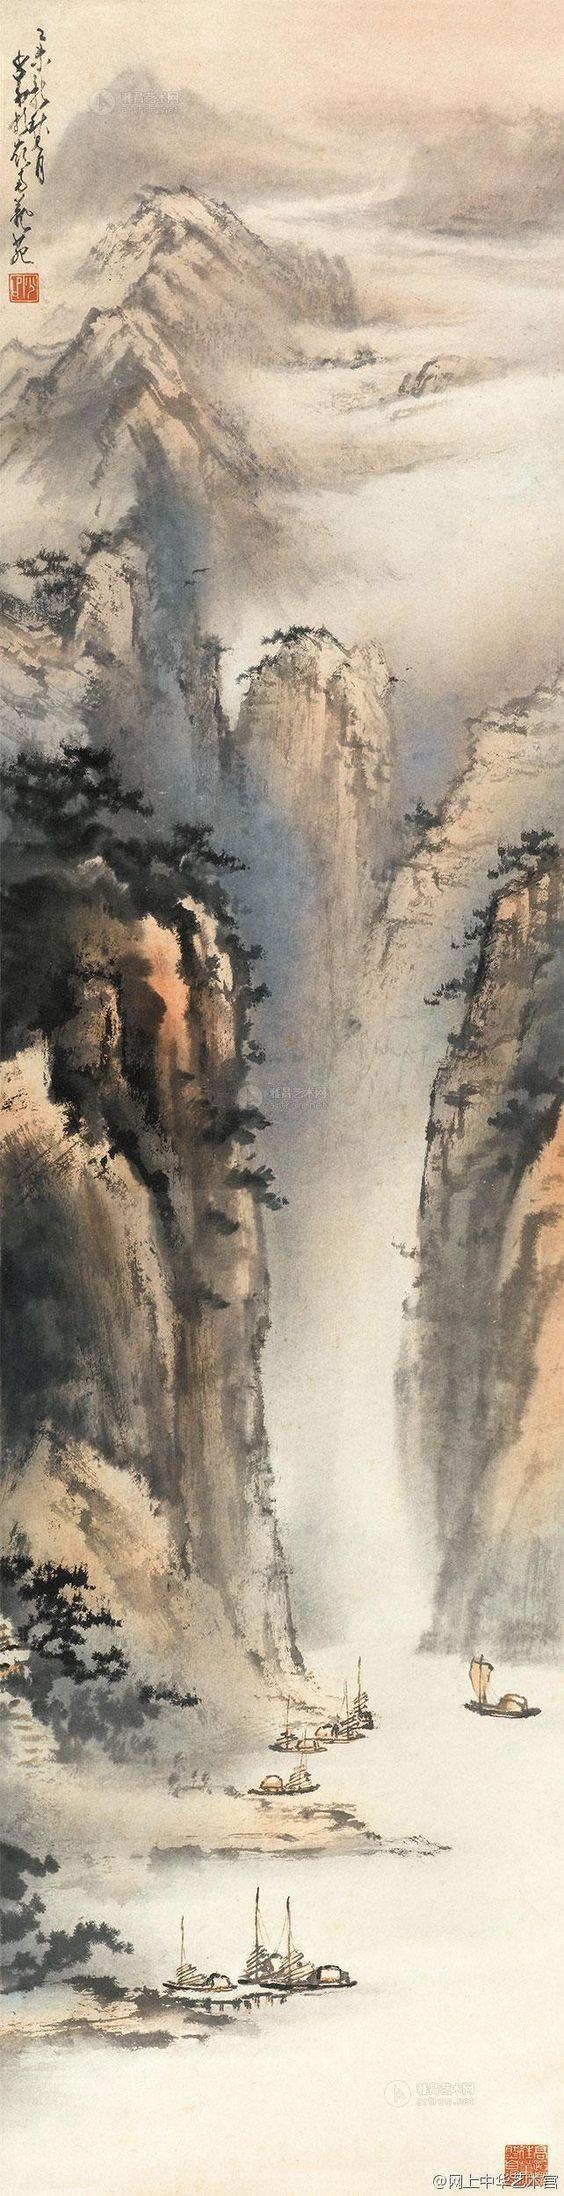 Partie 9 de mon blog, au cœur de la peinture des lettrés : https://turandoscope.wordpress.com/2016/05/26/9-mediter-aupres-des-montagnes/